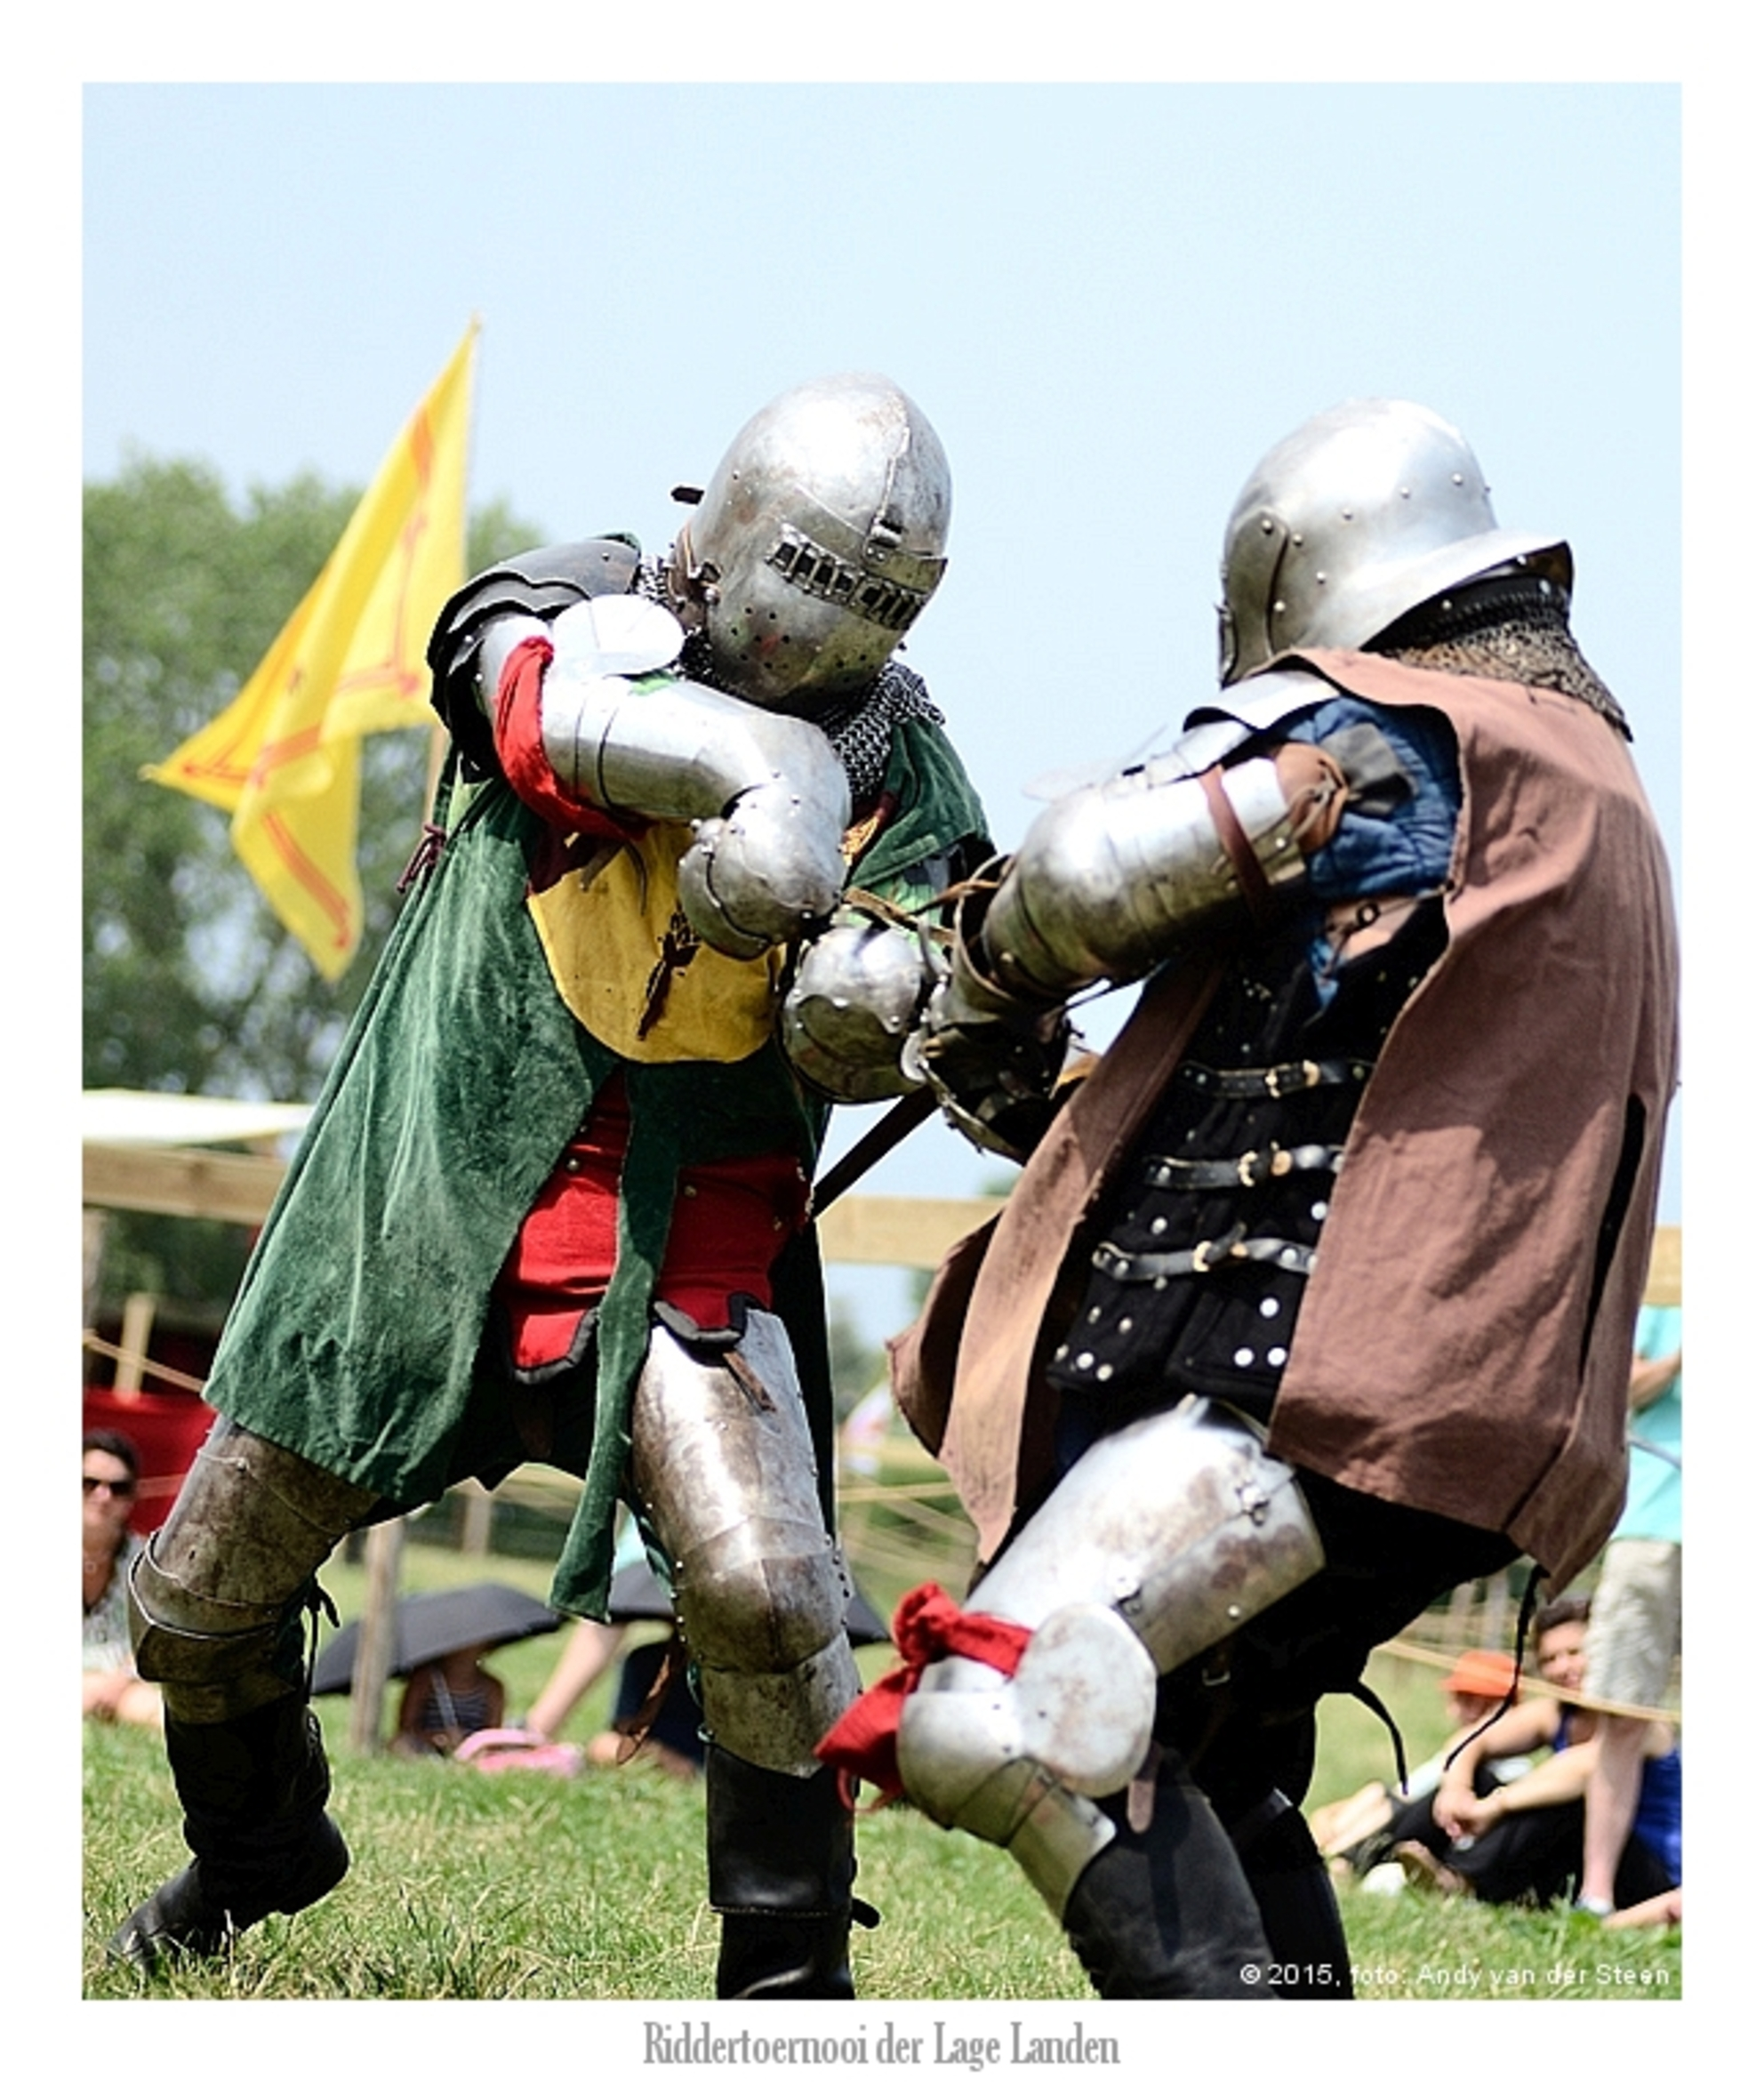 Riddertoernooi der Lage Landen - - - foto door AndyvdSteen op 05-07-2015 - deze foto bevat: middeleeuwen, kasteel, ridder, riddertoernooi, ridders, toernooi, doornenburg - Deze foto mag gebruikt worden in een Zoom.nl publicatie